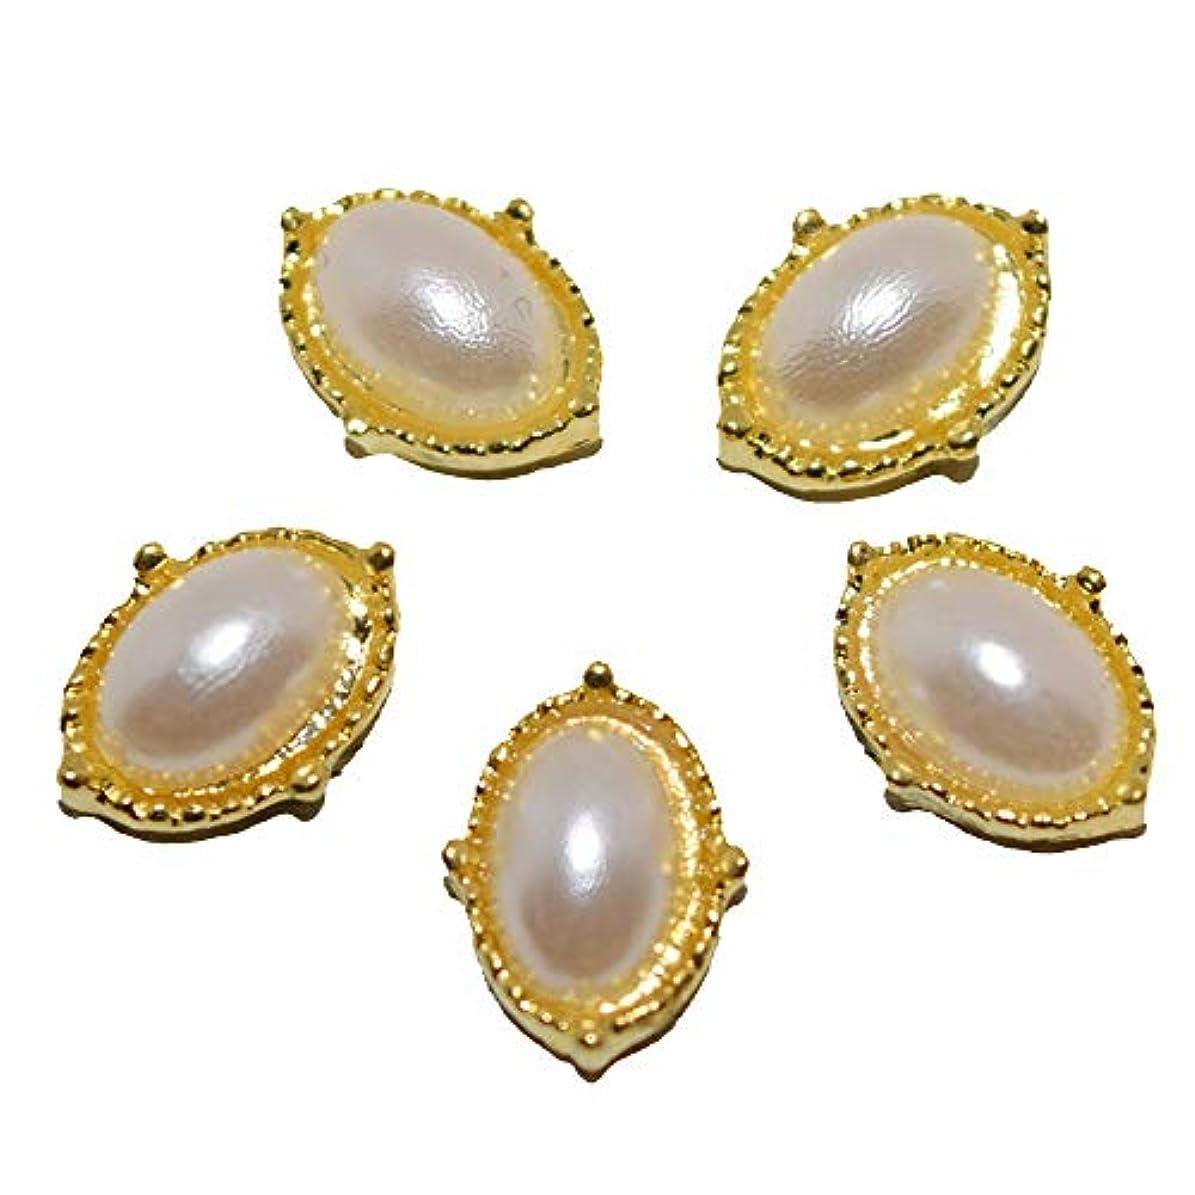 理由傾いたジャグリング10個入り金馬の目の真珠3Dネイルアートの装飾合金ネイルチャームネイルズラインストーン用品